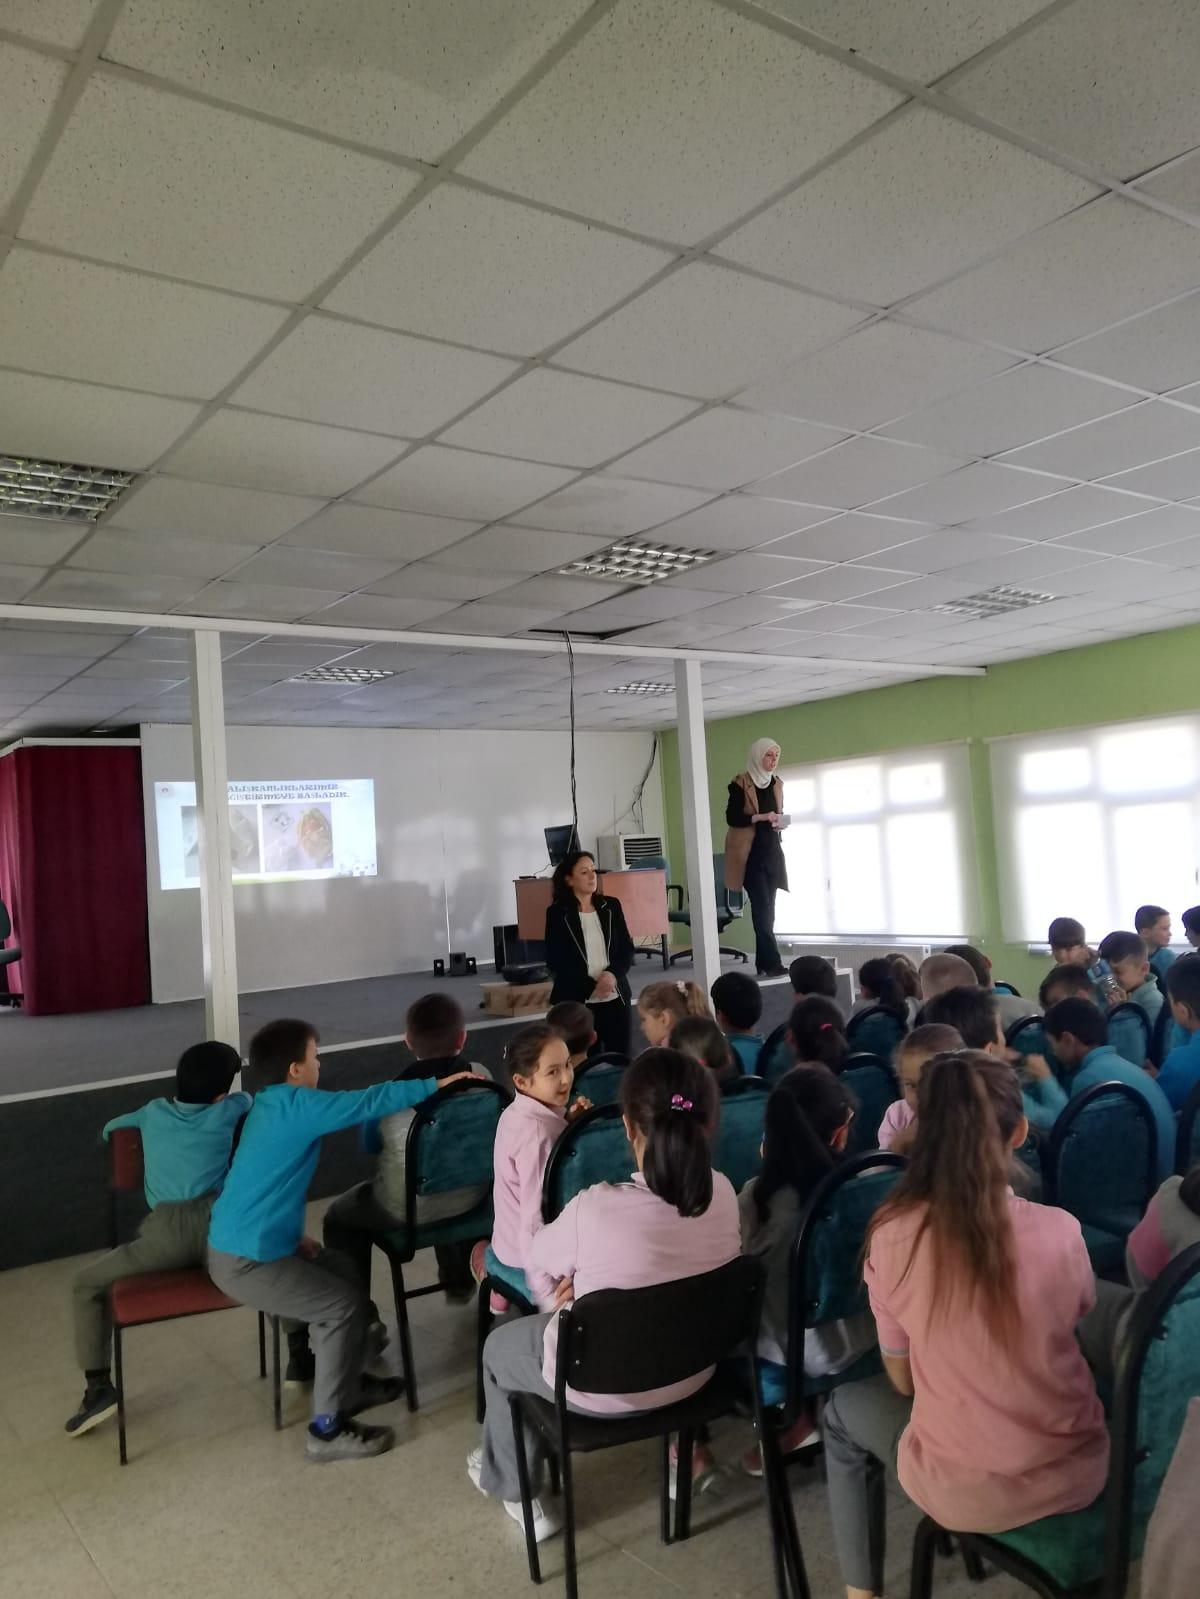 İçerisinde Sıfır Atık ve Sıfır Atık Mavi Projeleri kapsamında İl Müdürlüğümüz tarafından eğitim çalışmaları başlamıştır.